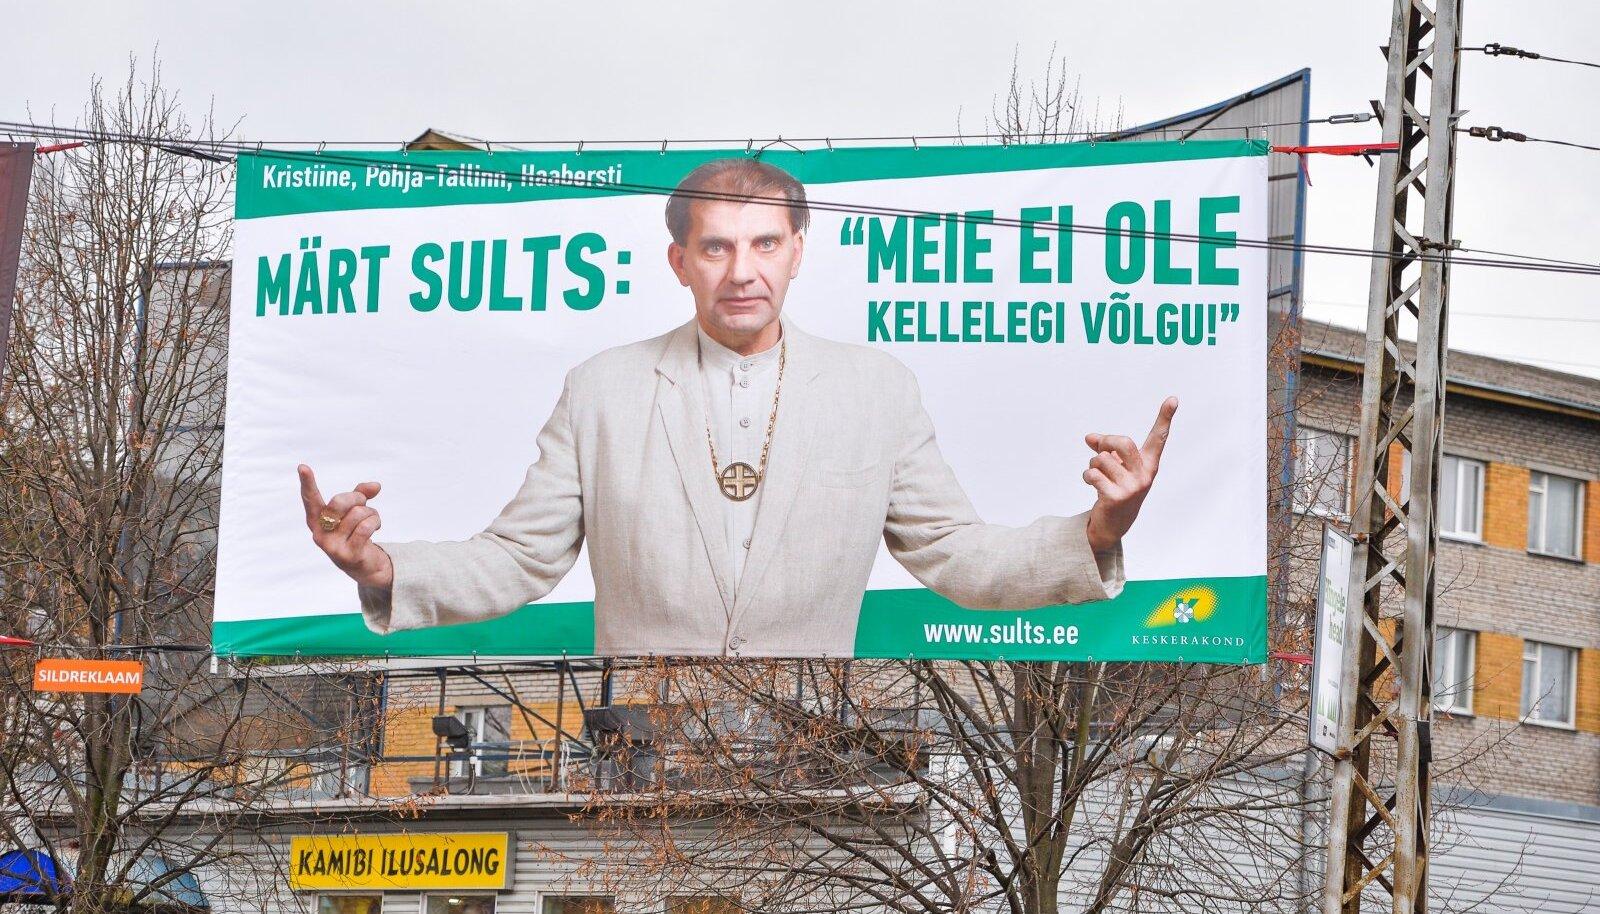 Keskerakonna 2014. aasta valimisreklaam Märt Sultsiga